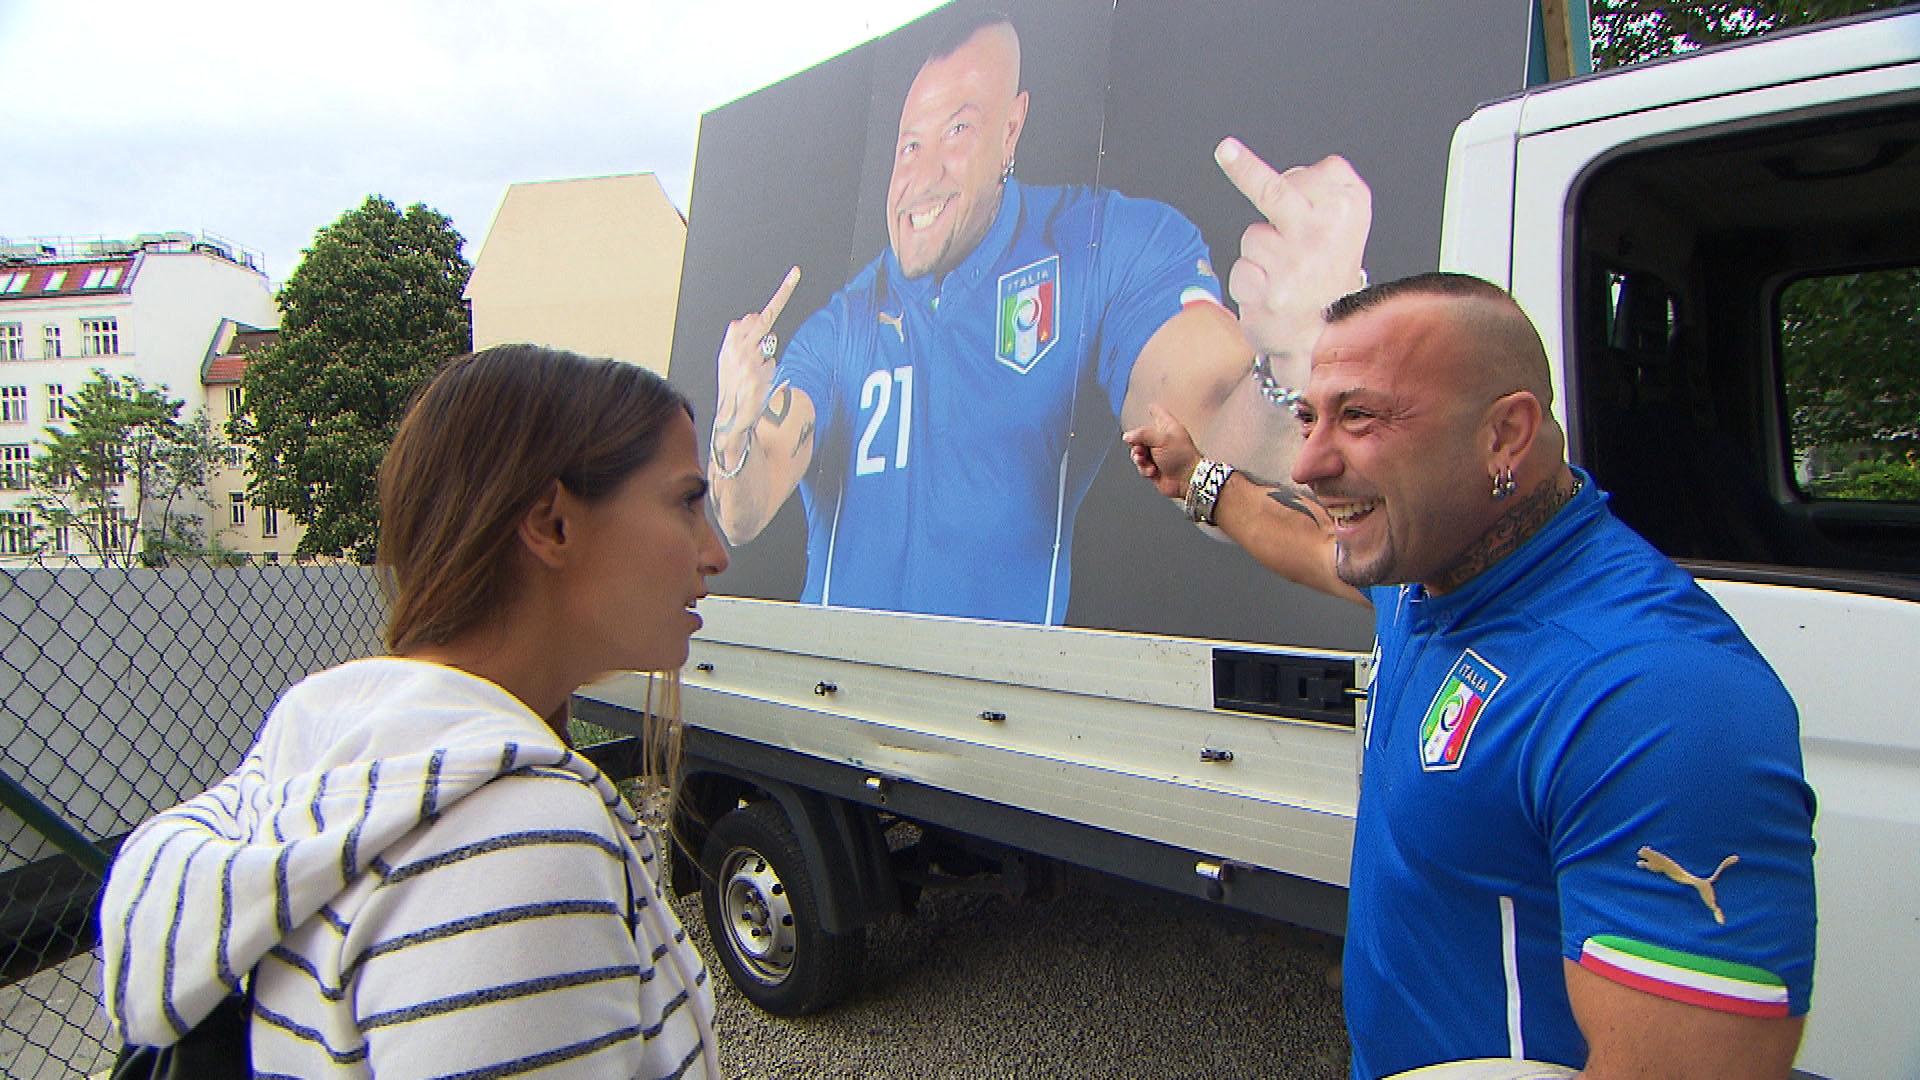 Alessia,li Fabrizio,re. (Quelle: RTL 2)